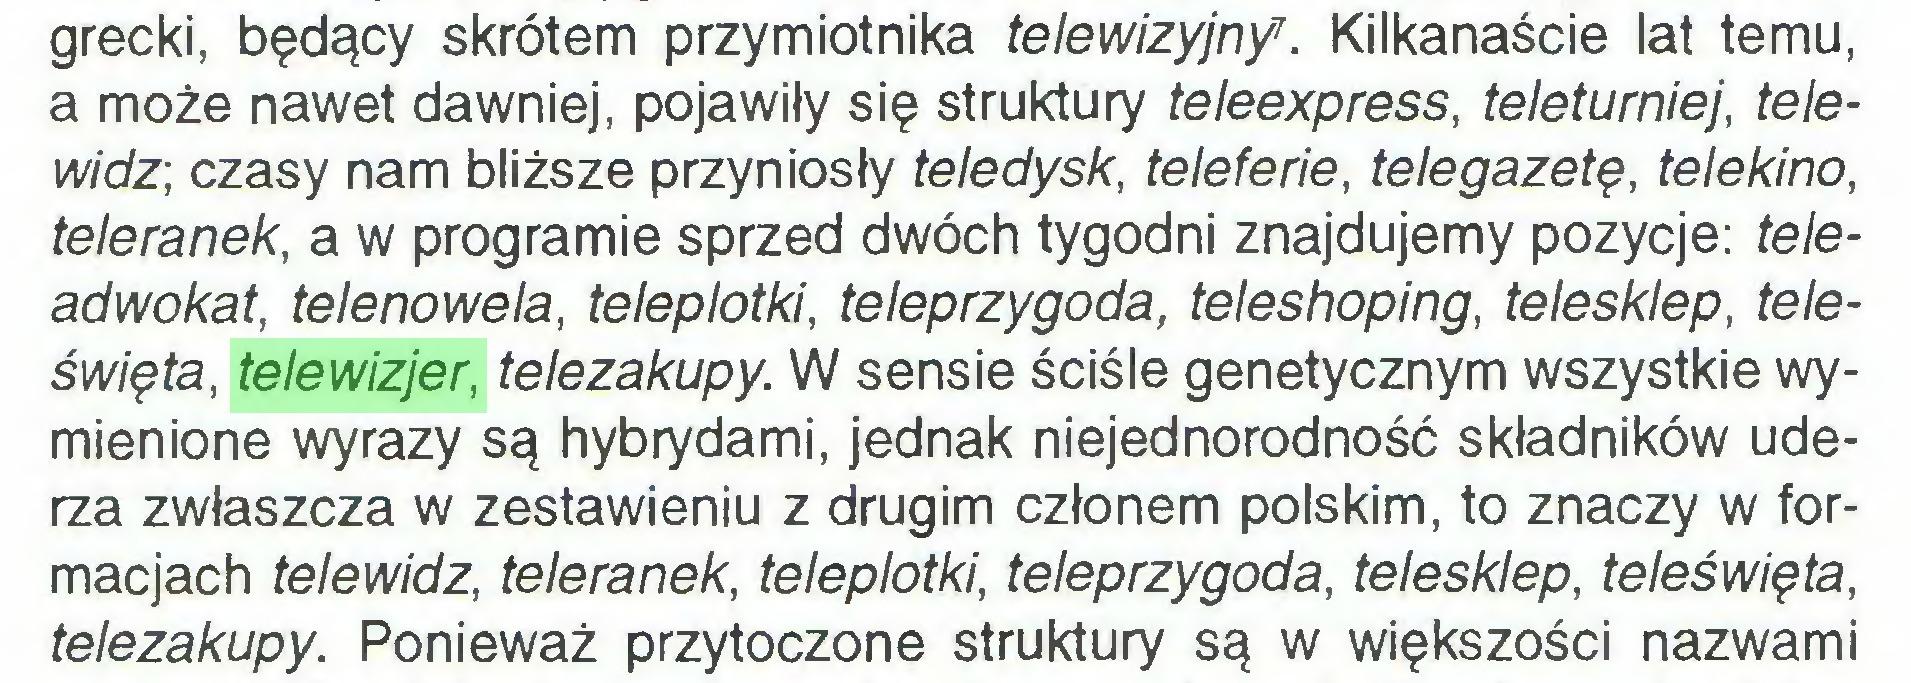 (...) grecki, będący skrótem przymiotnika telewizyjny7. Kilkanaście lat temu, a może nawet dawniej, pojawiły się struktury teleexpress, teleturniej, telewidz-, czasy nam bliższe przyniosły teledysk, teleferie, telegazetę, telekino, teleranek, a w programie sprzed dwóch tygodni znajdujemy pozycje: teleadwokat, telenowela, teleplotki, teleprzygoda, teleshoping, telesklep, teleświęta, telewizjer, telezakupy. W sensie ściśle genetycznym wszystkie wymienione wyrazy są hybrydami, jednak niejednorodność składników uderza zwłaszcza w zestawieniu z drugim członem polskim, to znaczy w formacjach telewidz, teleranek, teleplotki, teleprzygoda, telesklep, teleświęta, telezakupy. Ponieważ przytoczone struktury są w większości nazwami...